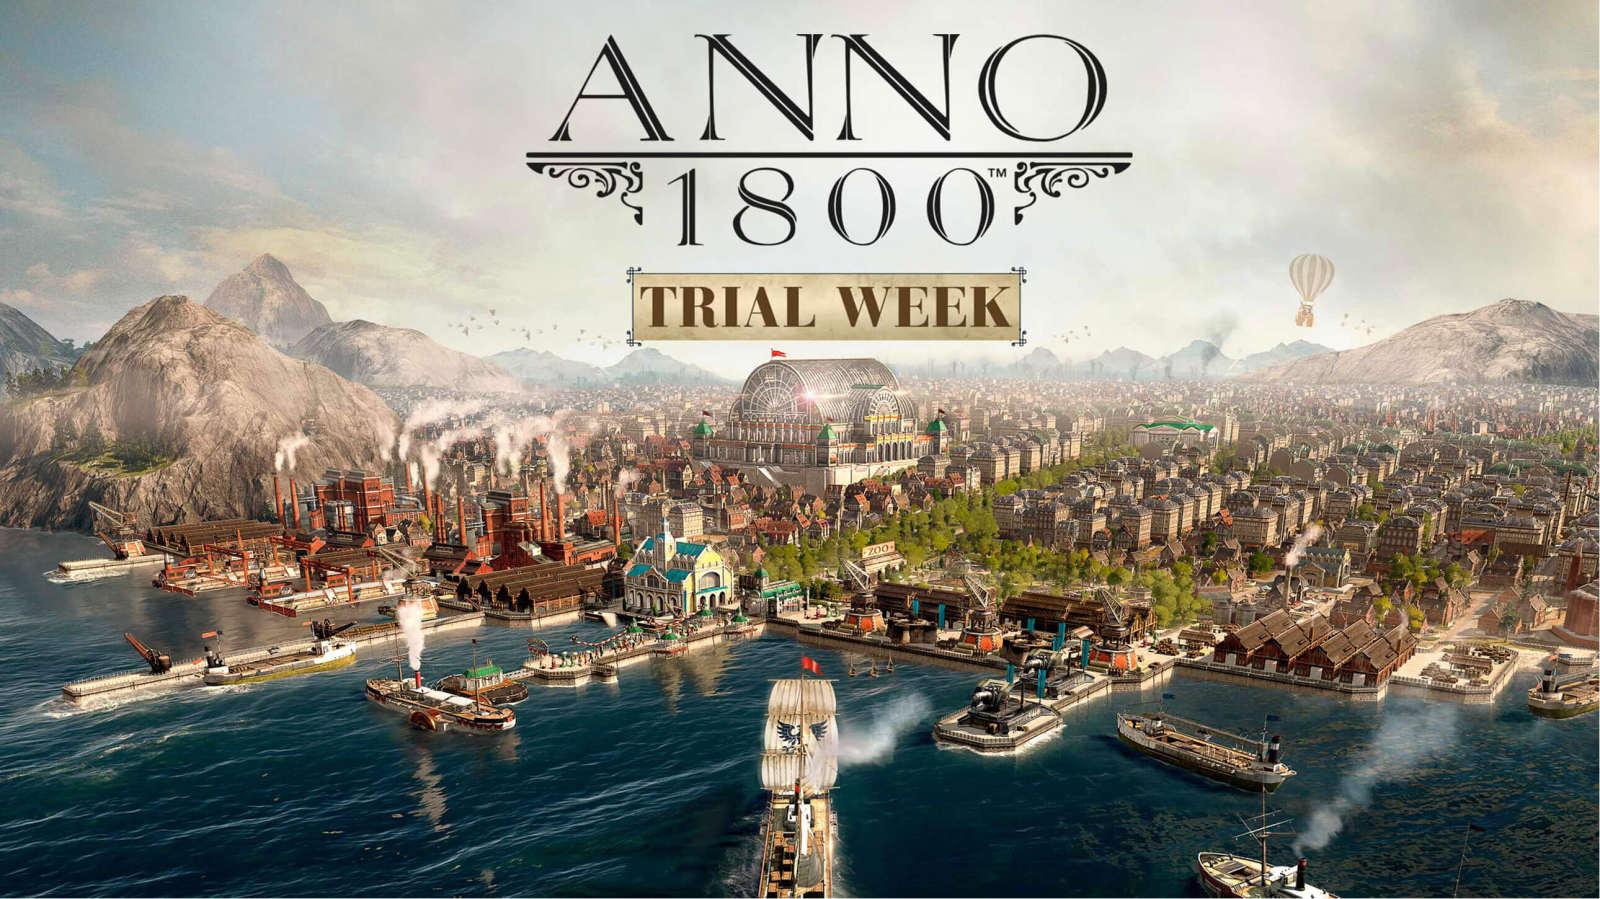 《纪元1800》开启免费试玩:即日起至本月18日体验游戏